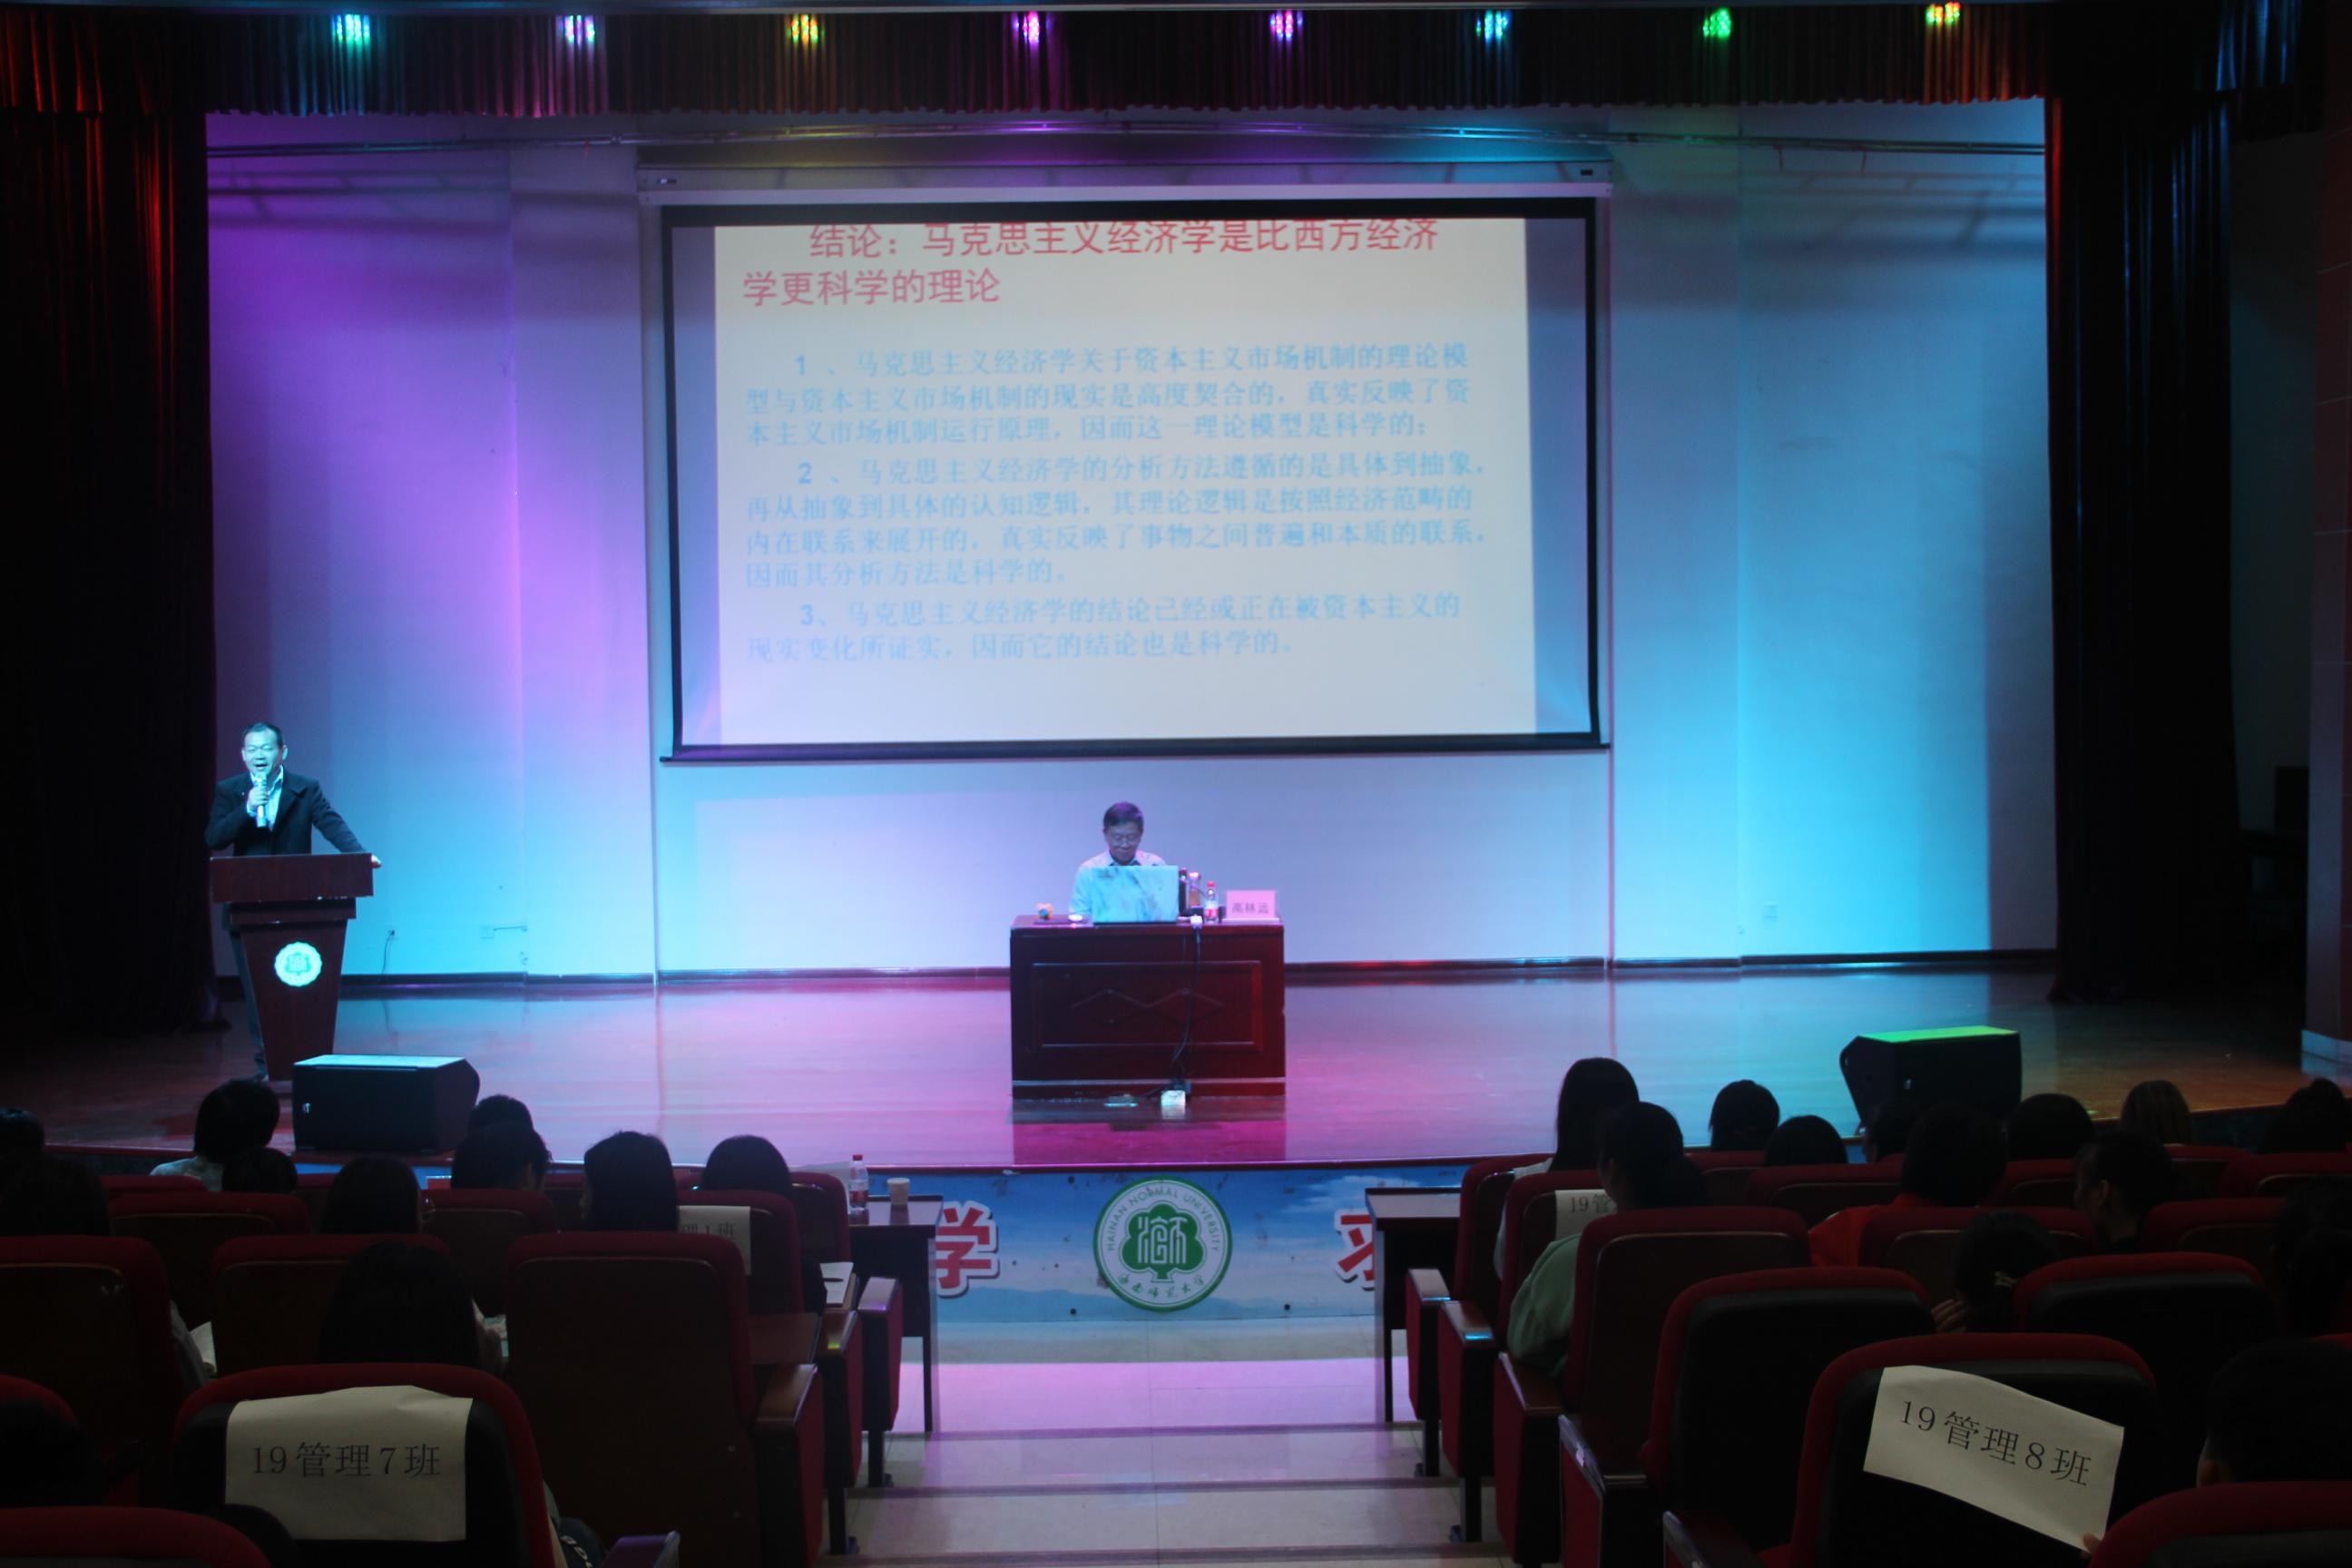 四川师范大学高林远教授到我院讲学